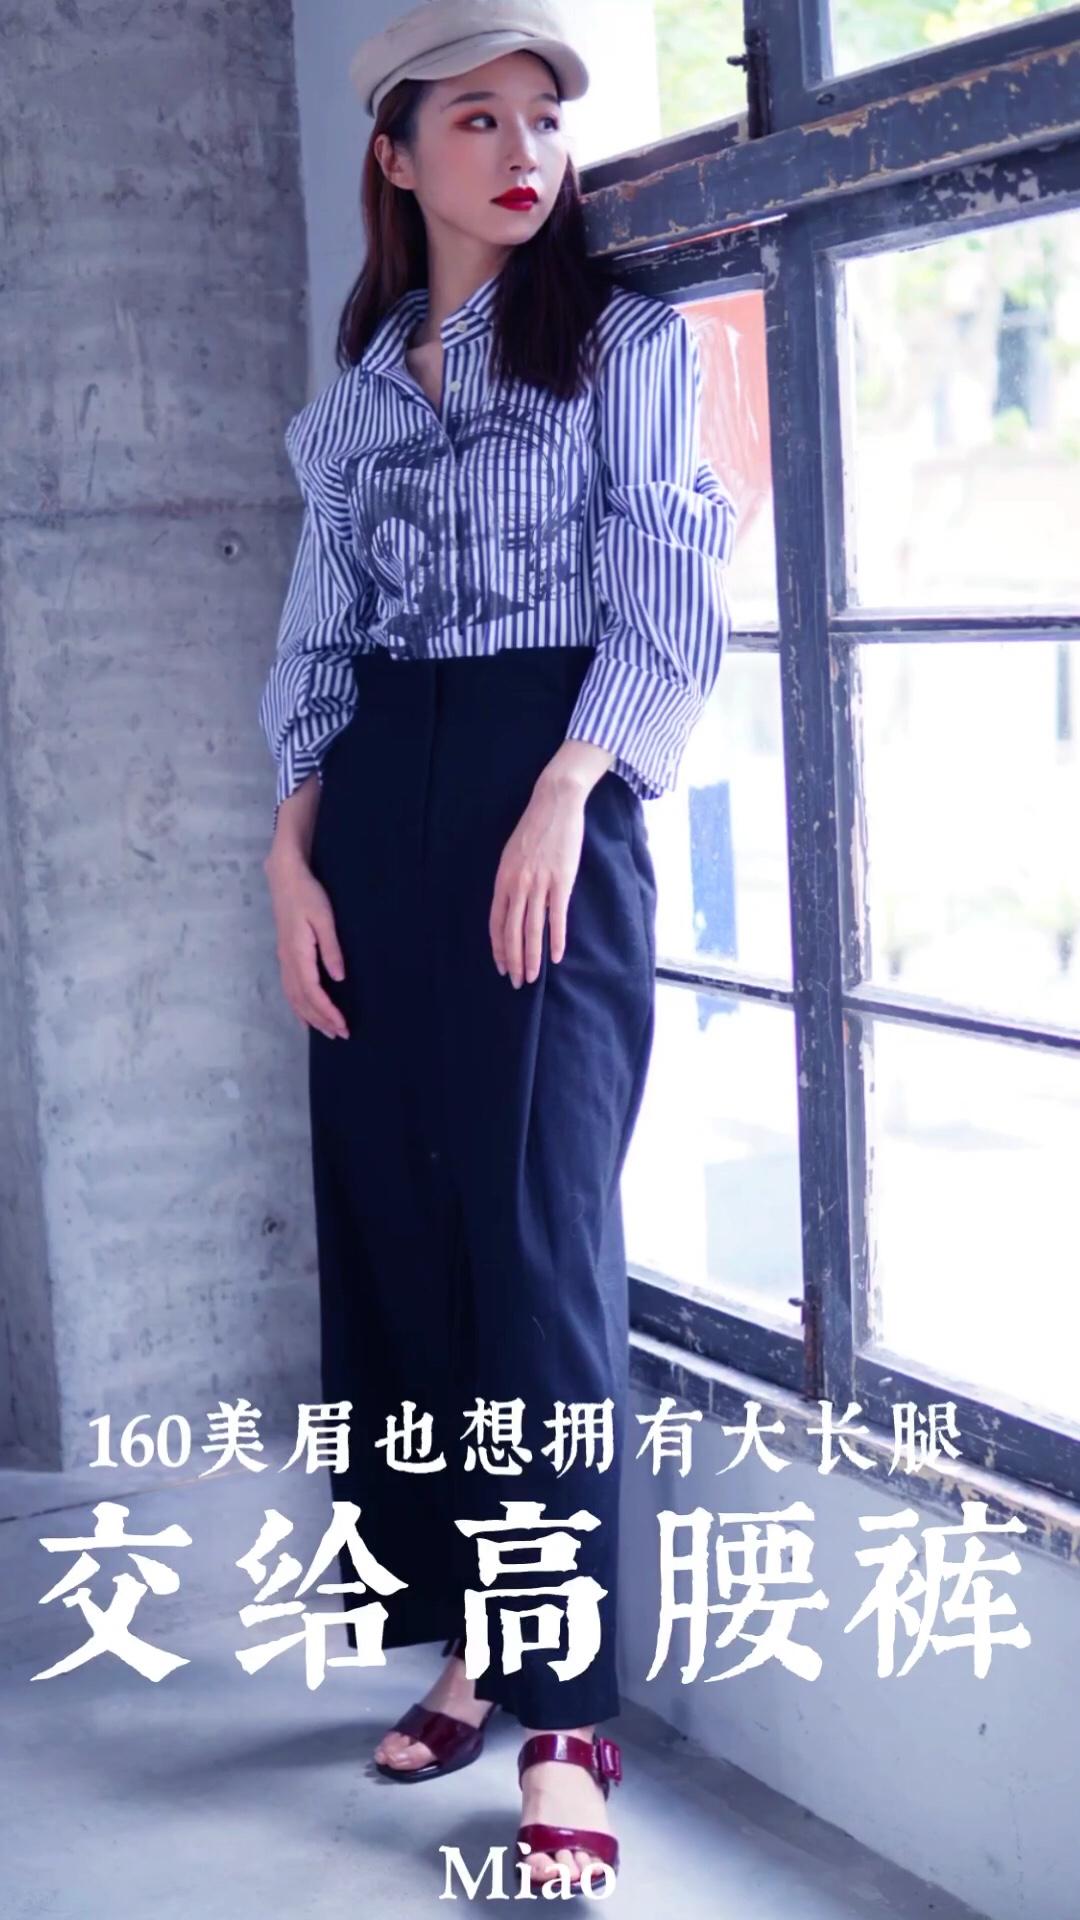 #高腰:教你穿出黄金比例# 秋季新入单品:jnby高腰阔腿长裤,极适合我等160女孩。瞬间变得有气场,幻想自己是踩着高跟鞋帅气行走在写字楼间的霸道女总裁。